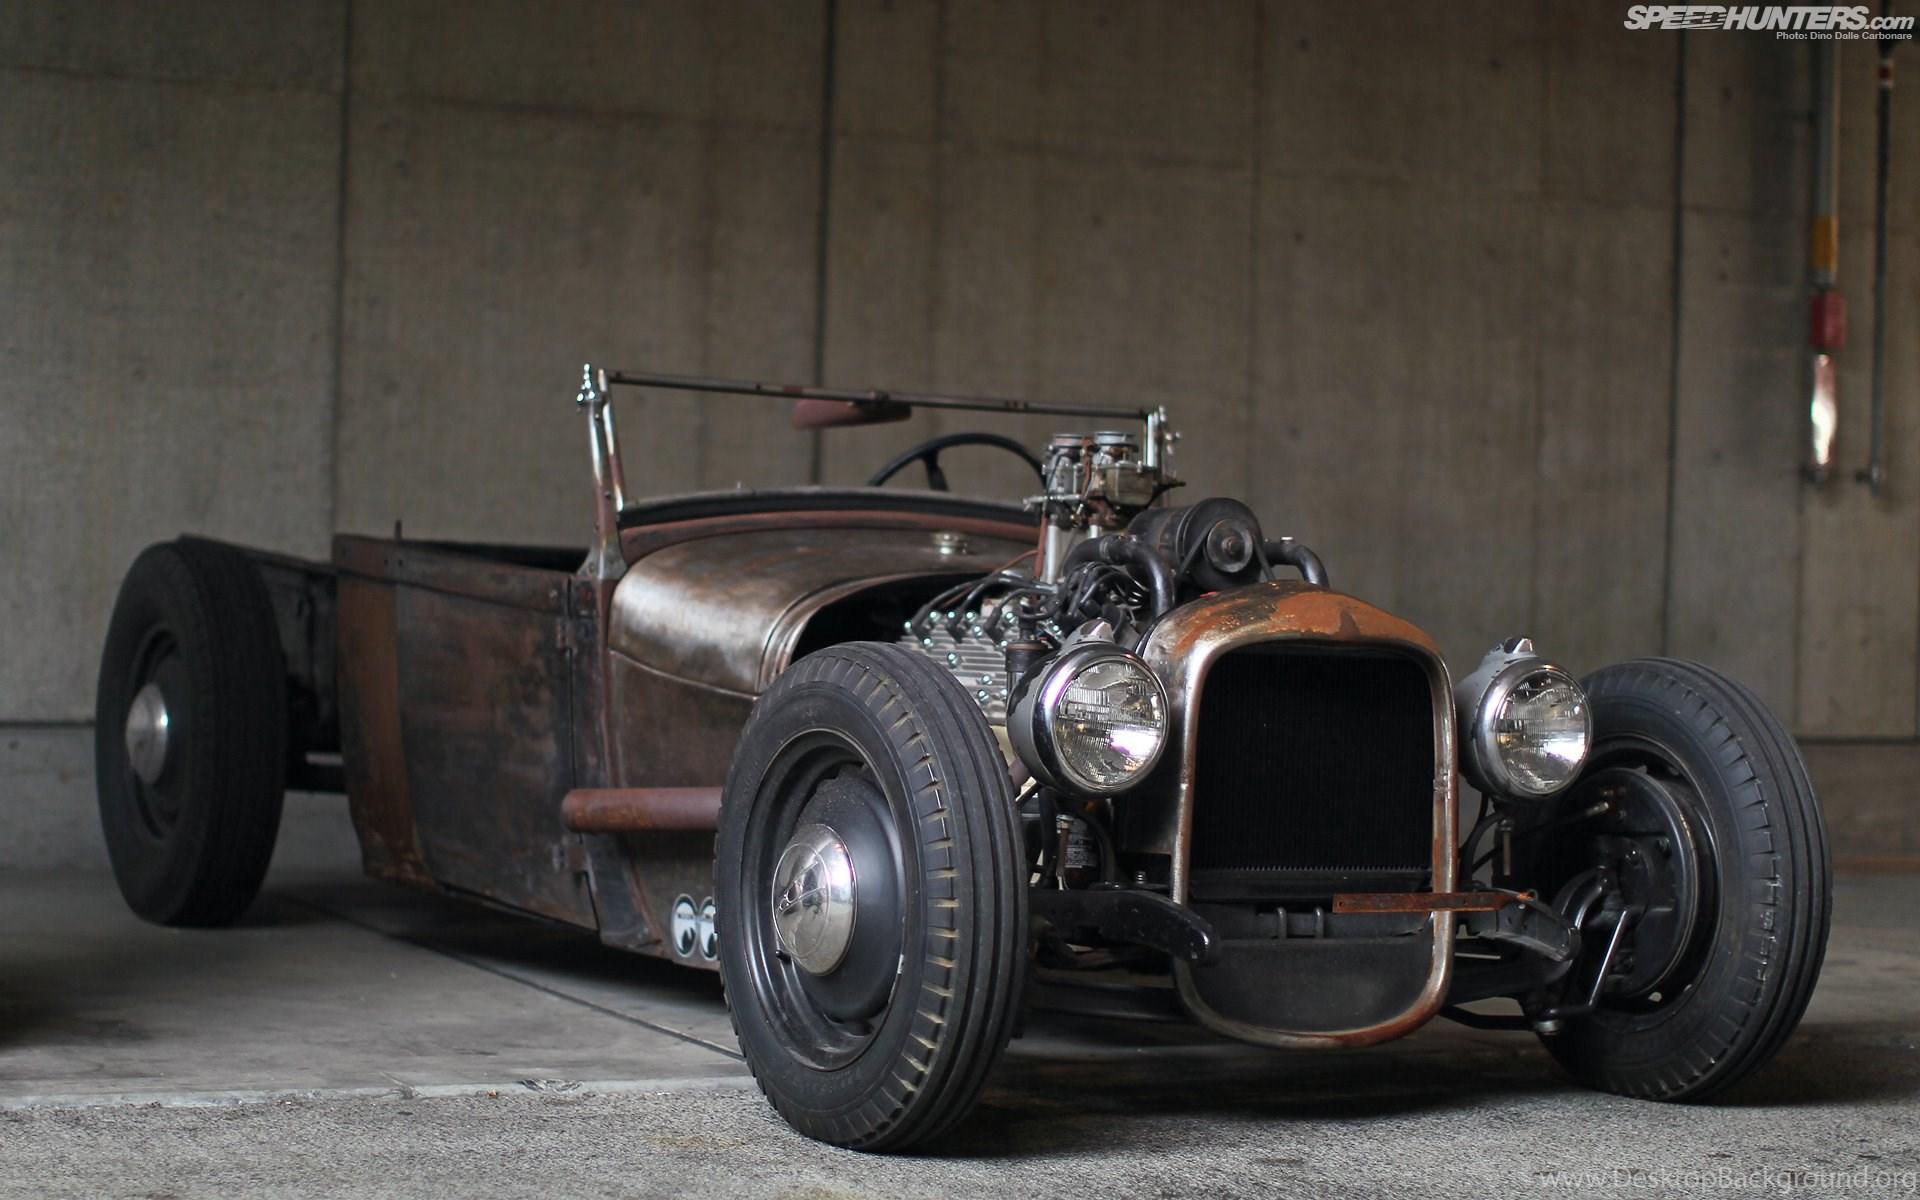 Old Hot Rod Wallpaper - Rat Rod Car Wallpaper Hd - HD Wallpaper